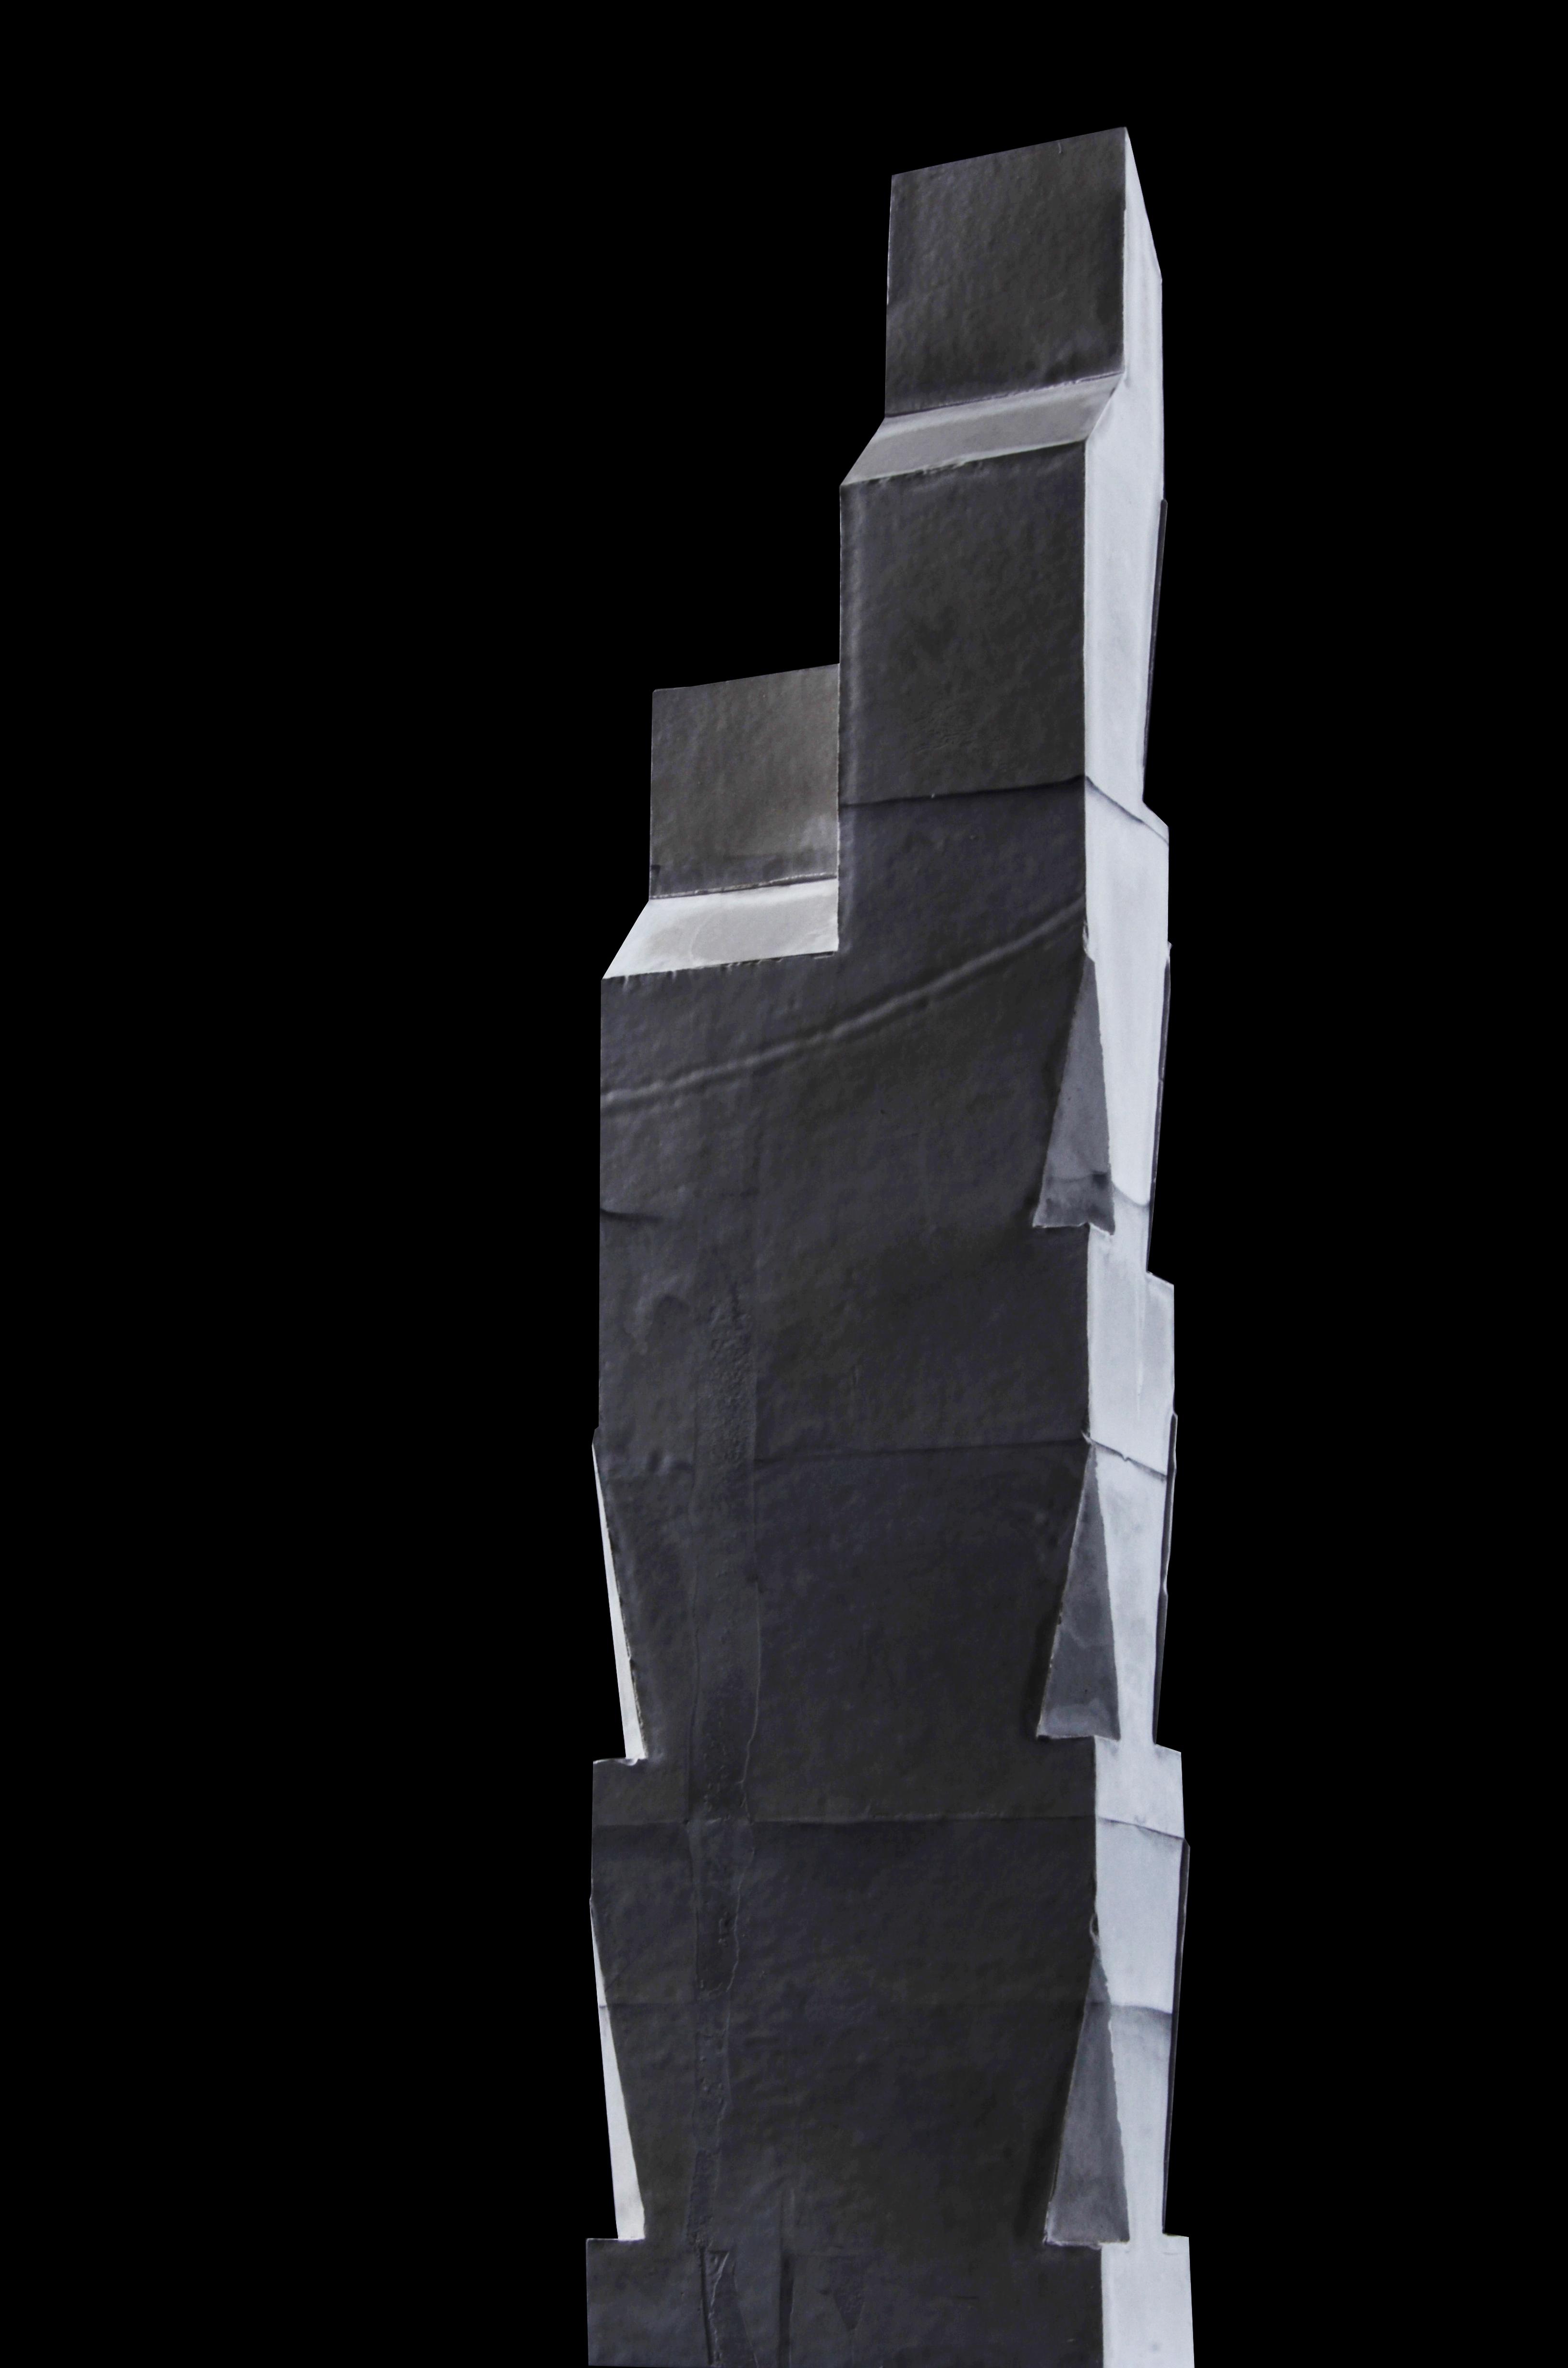 TOWER-MANHATTAN-TEXAS A&M-20